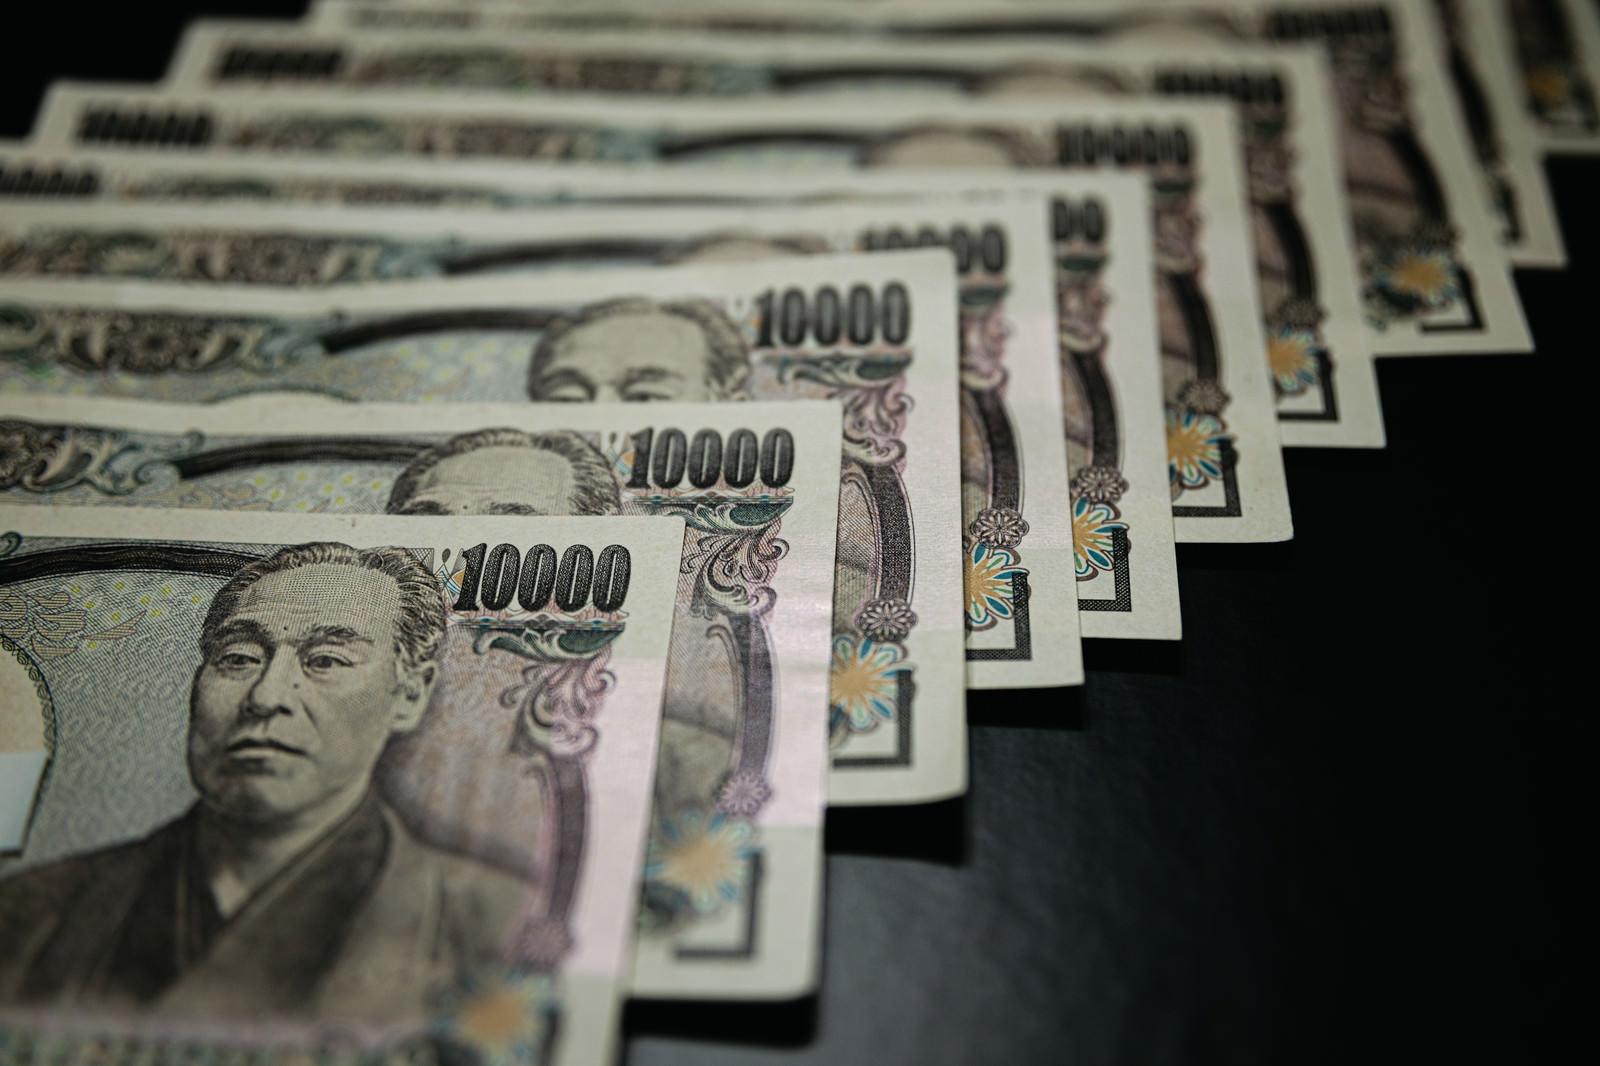 「並べられた壱万円の紙幣」の写真